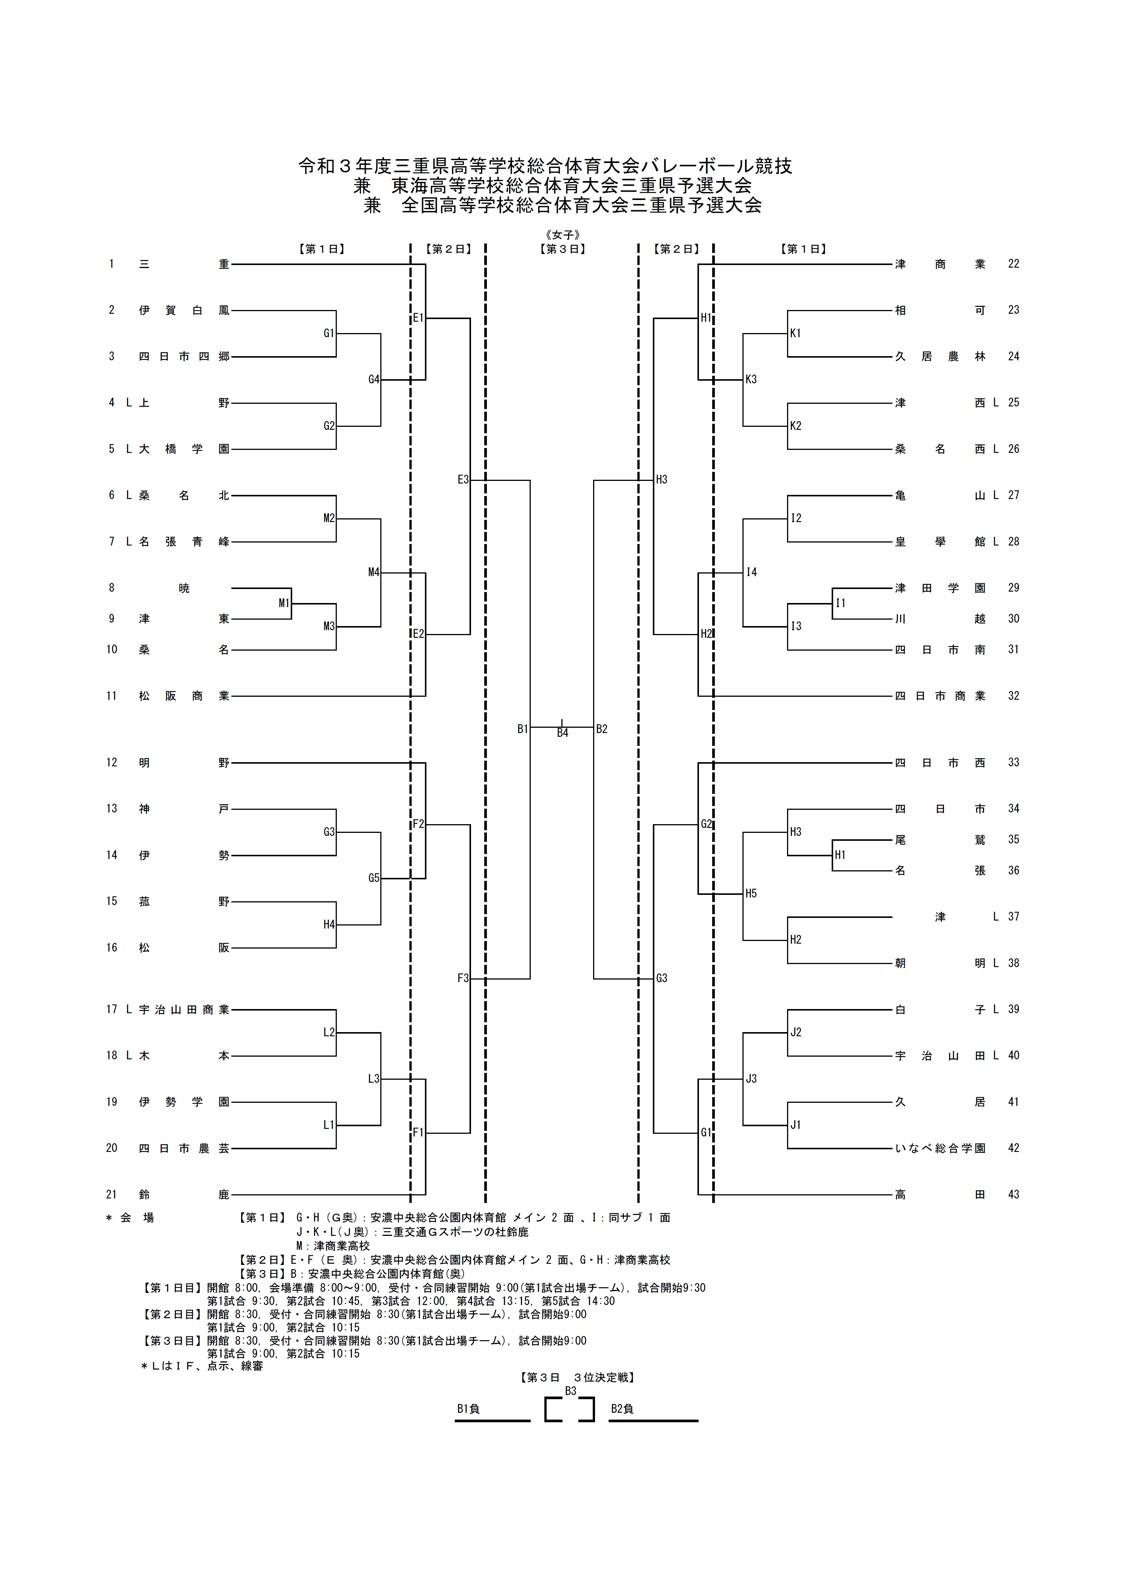 2021年度_インターハイ予選_三重県予選_女子_組合せ